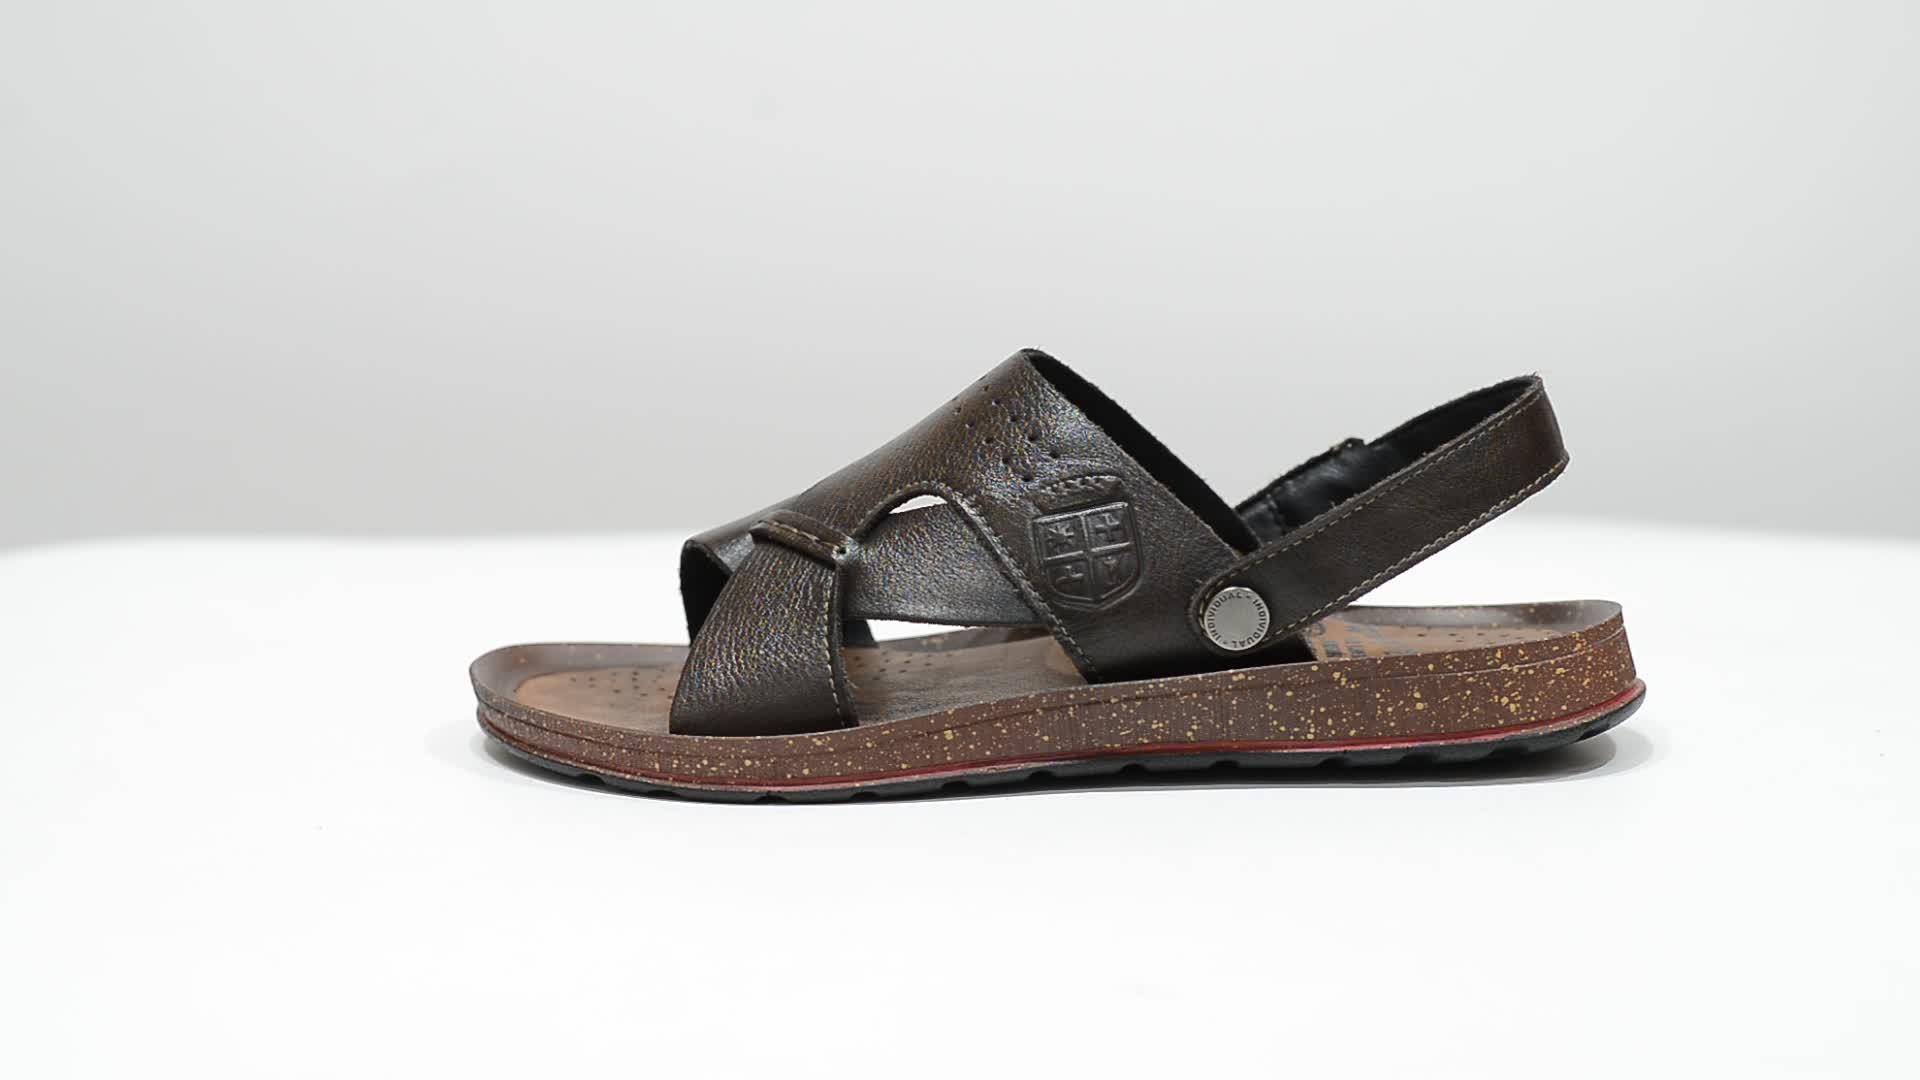 New designed sandals for men, L991 kp